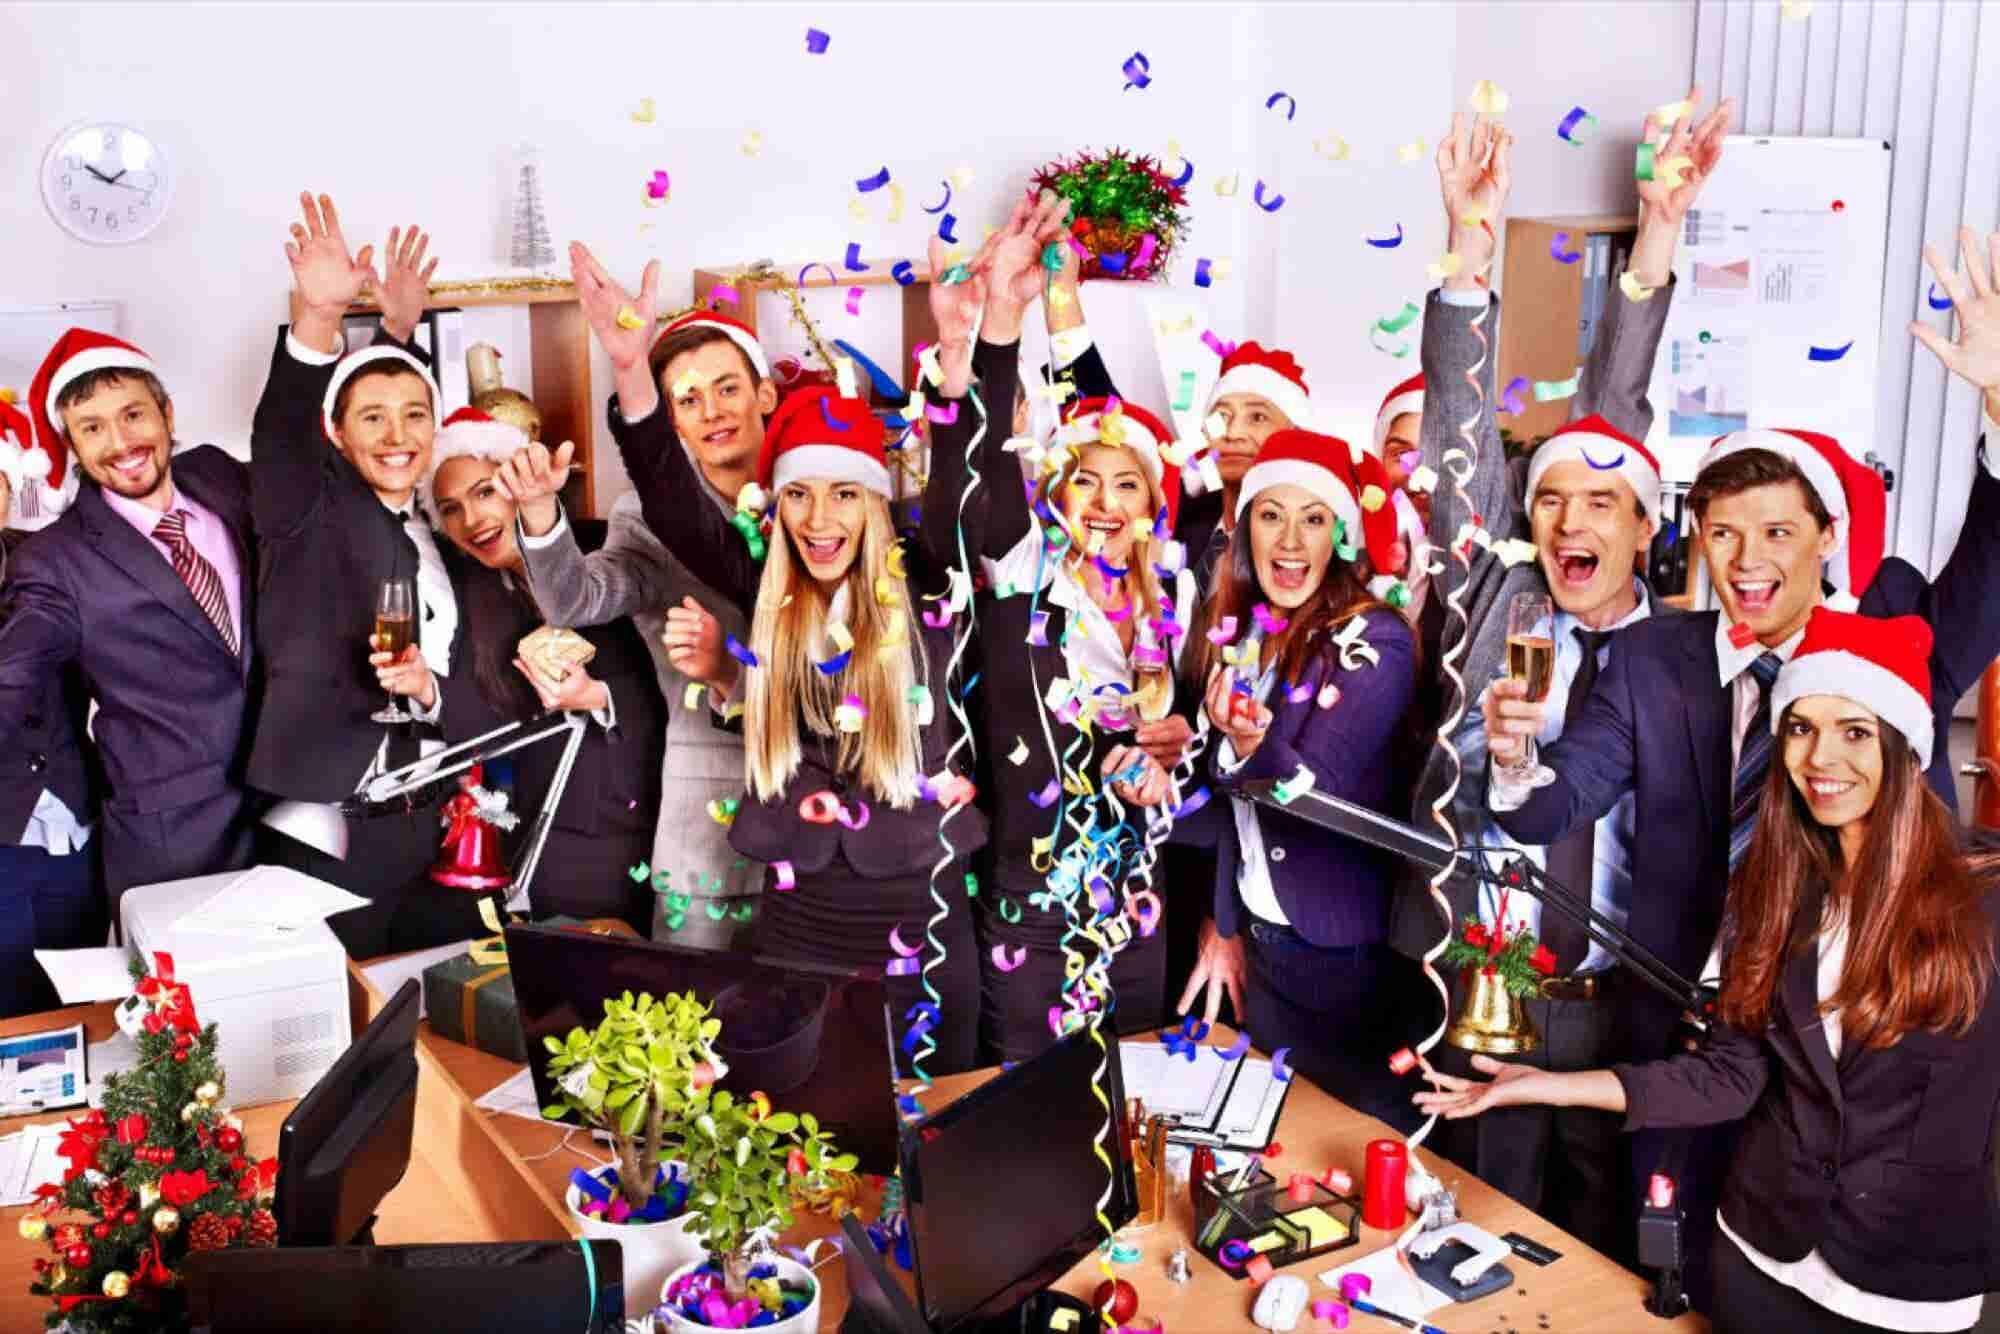 Fiestas de fin de año, ¿termómetro del clima laboral?